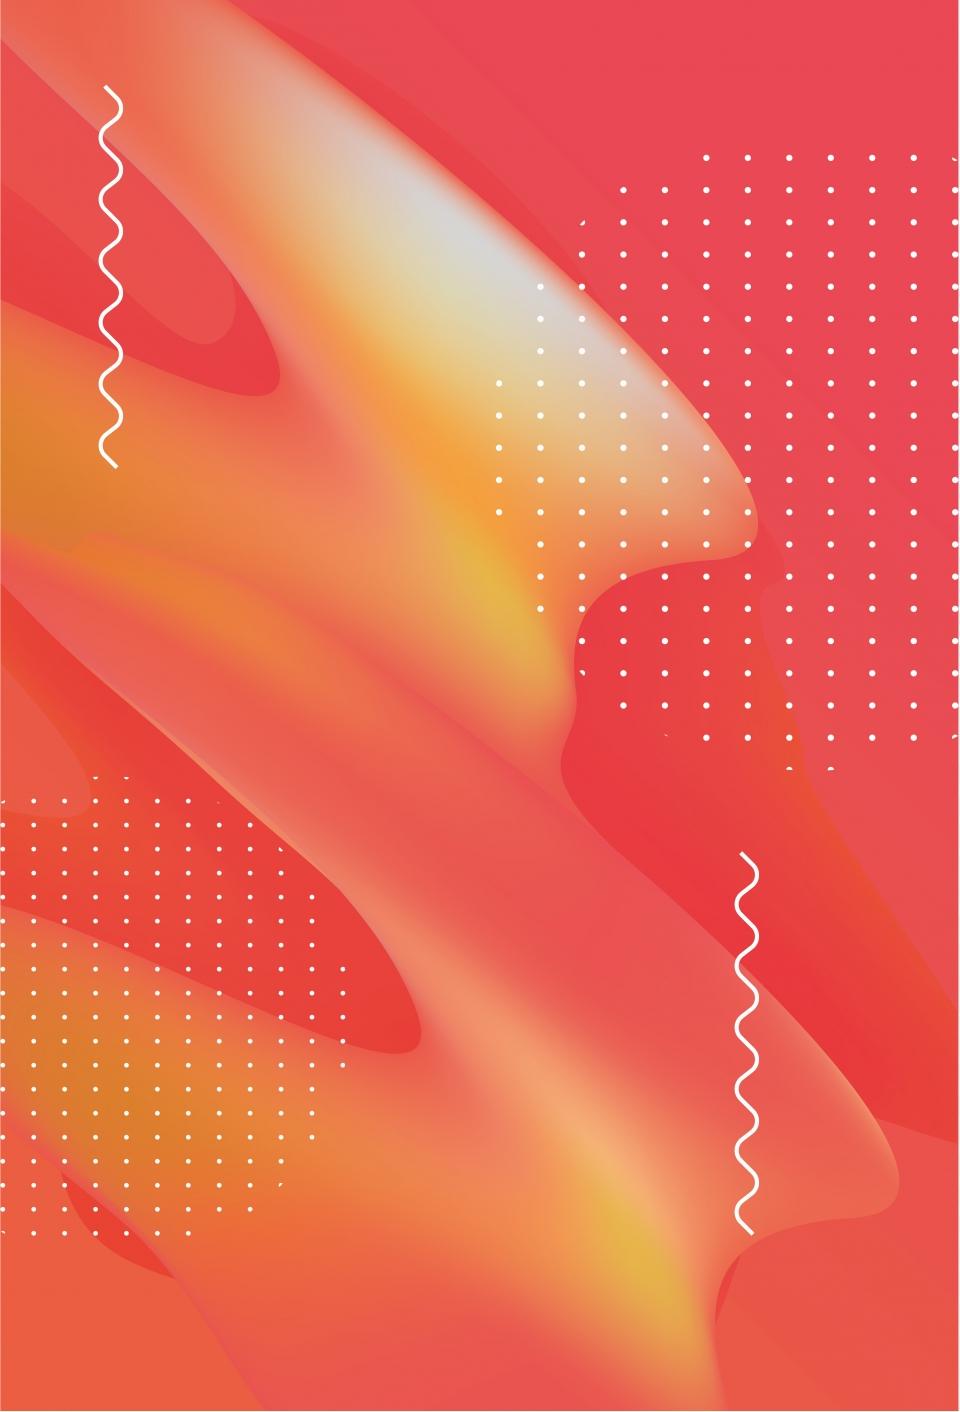 Texture Geometrique Fluide Couleur Vecteur Vecteur Texture Couleur Image De Fond Pour Le Telechargement Gratuit